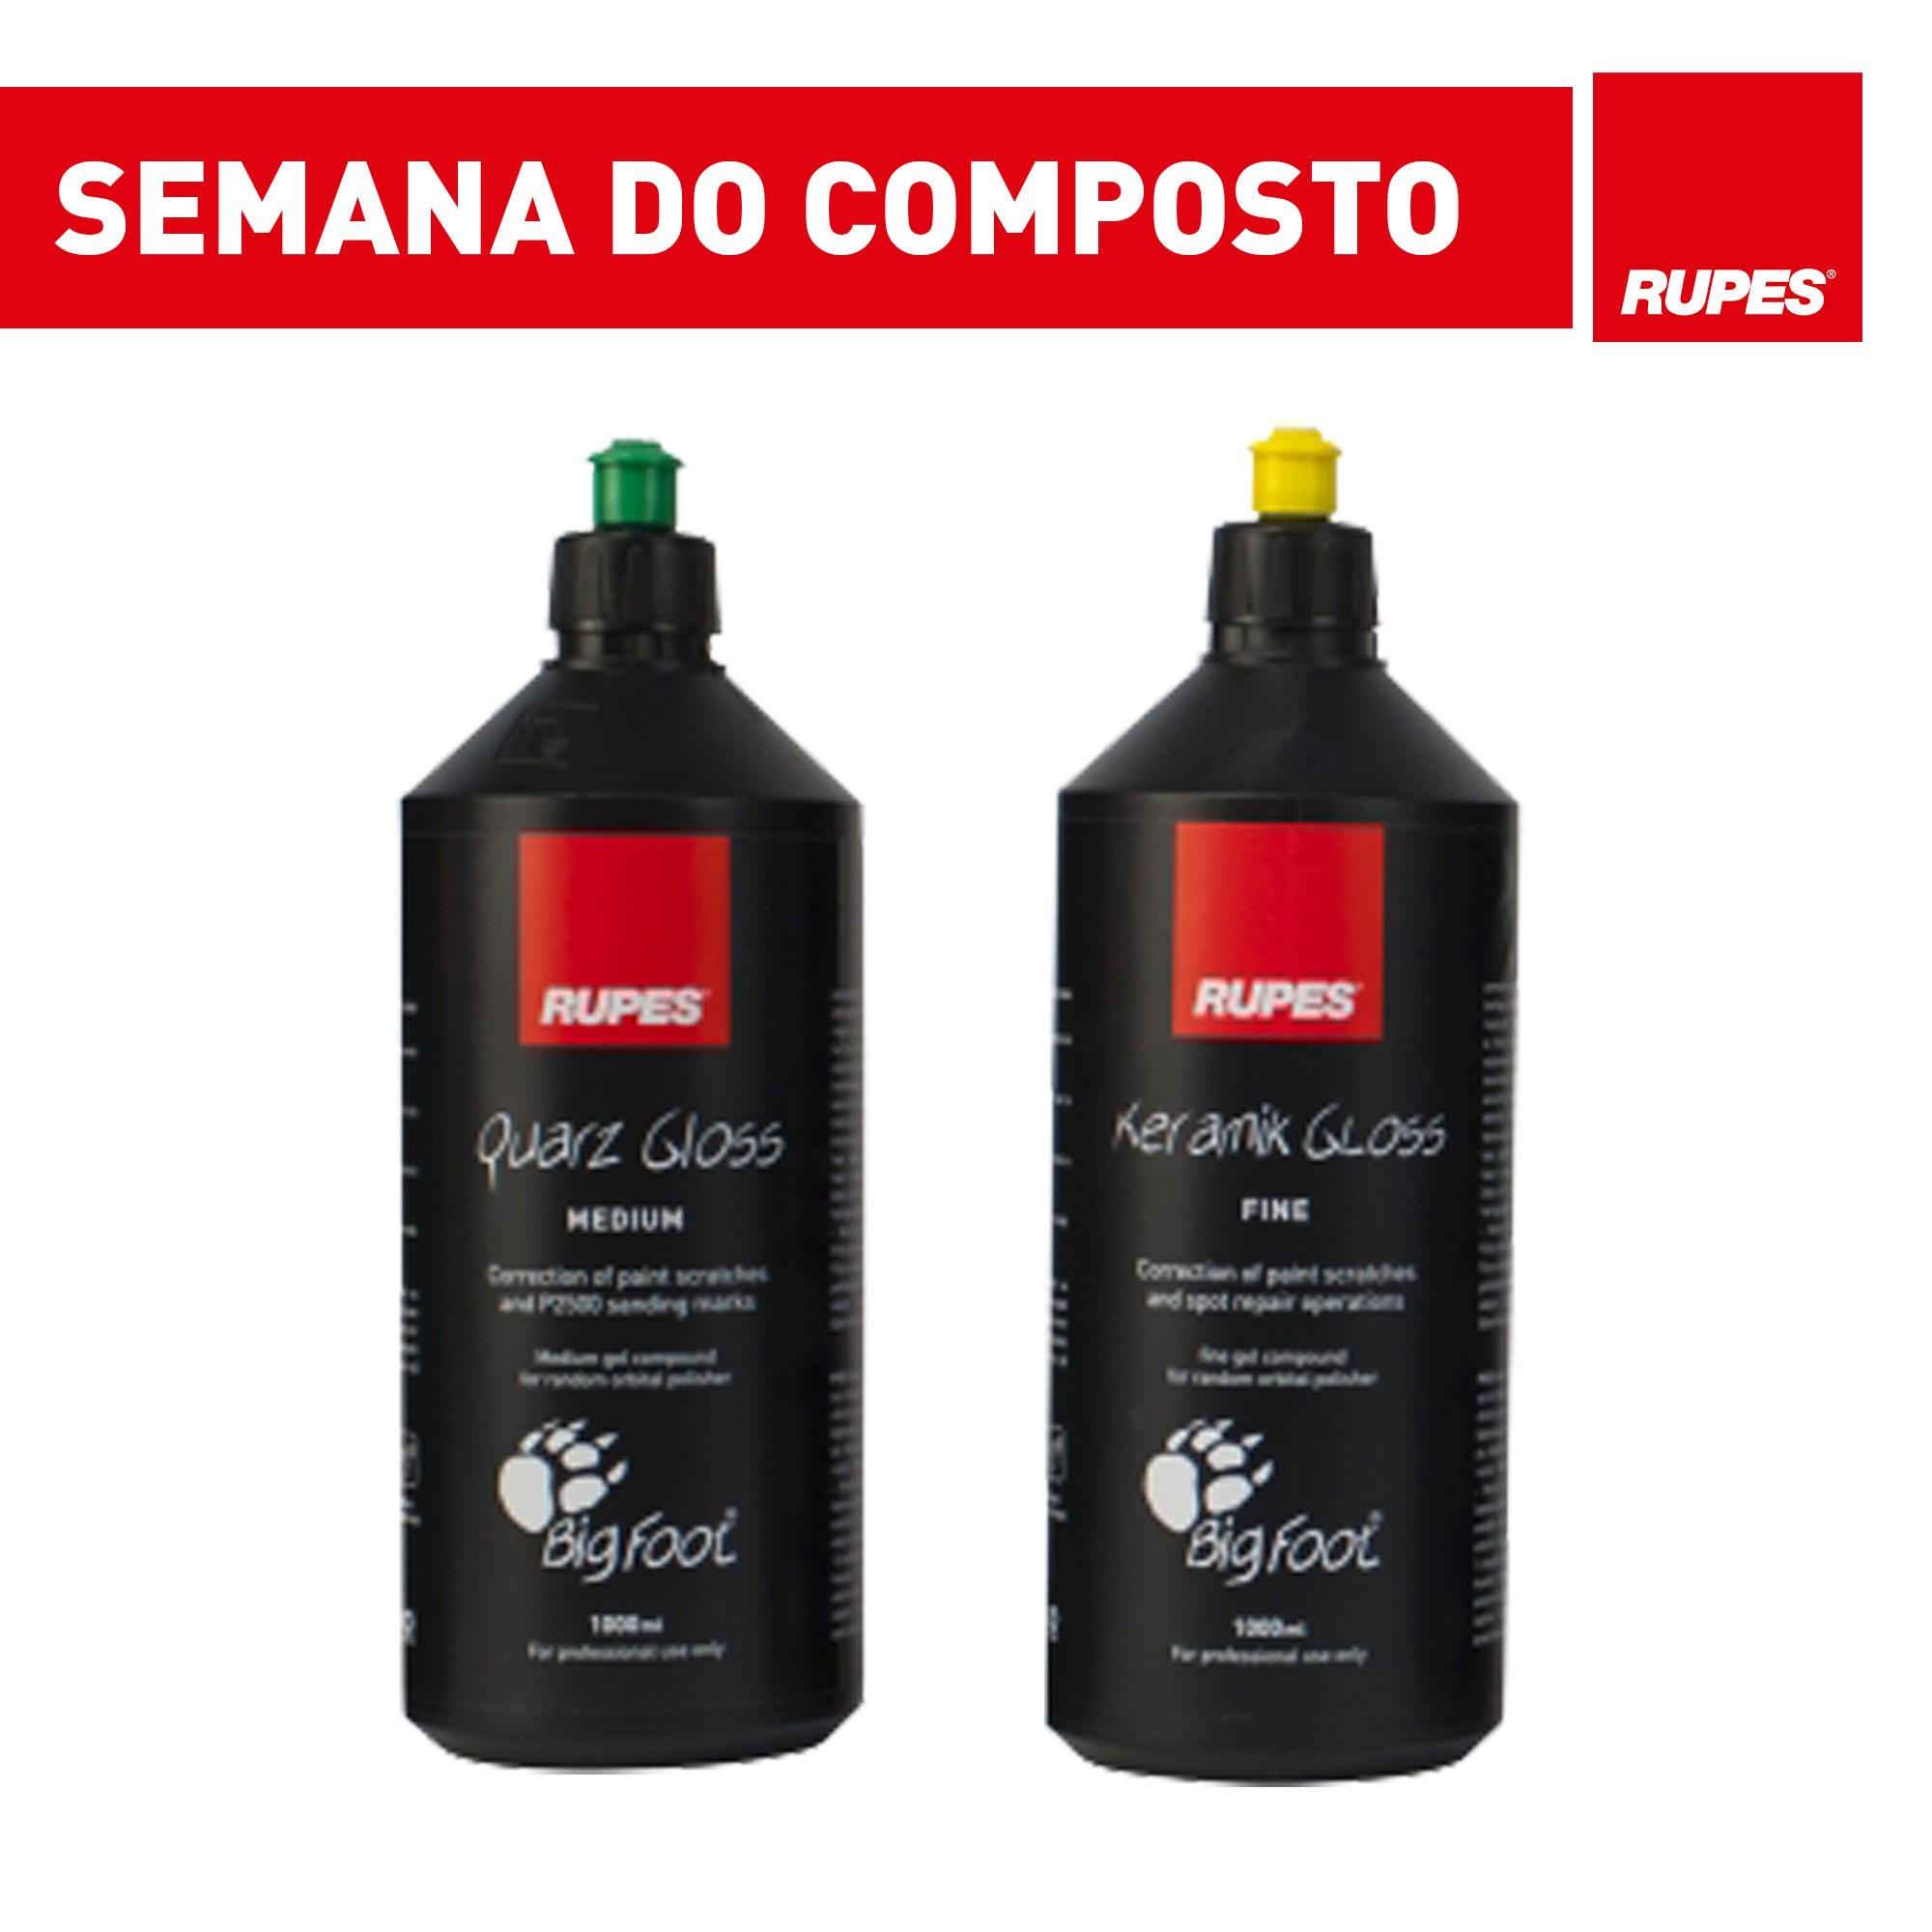 KIT com 2 Compostos Rupes - Refino e Lustro - Promoção Semana do Composto  - Rupes Brasil